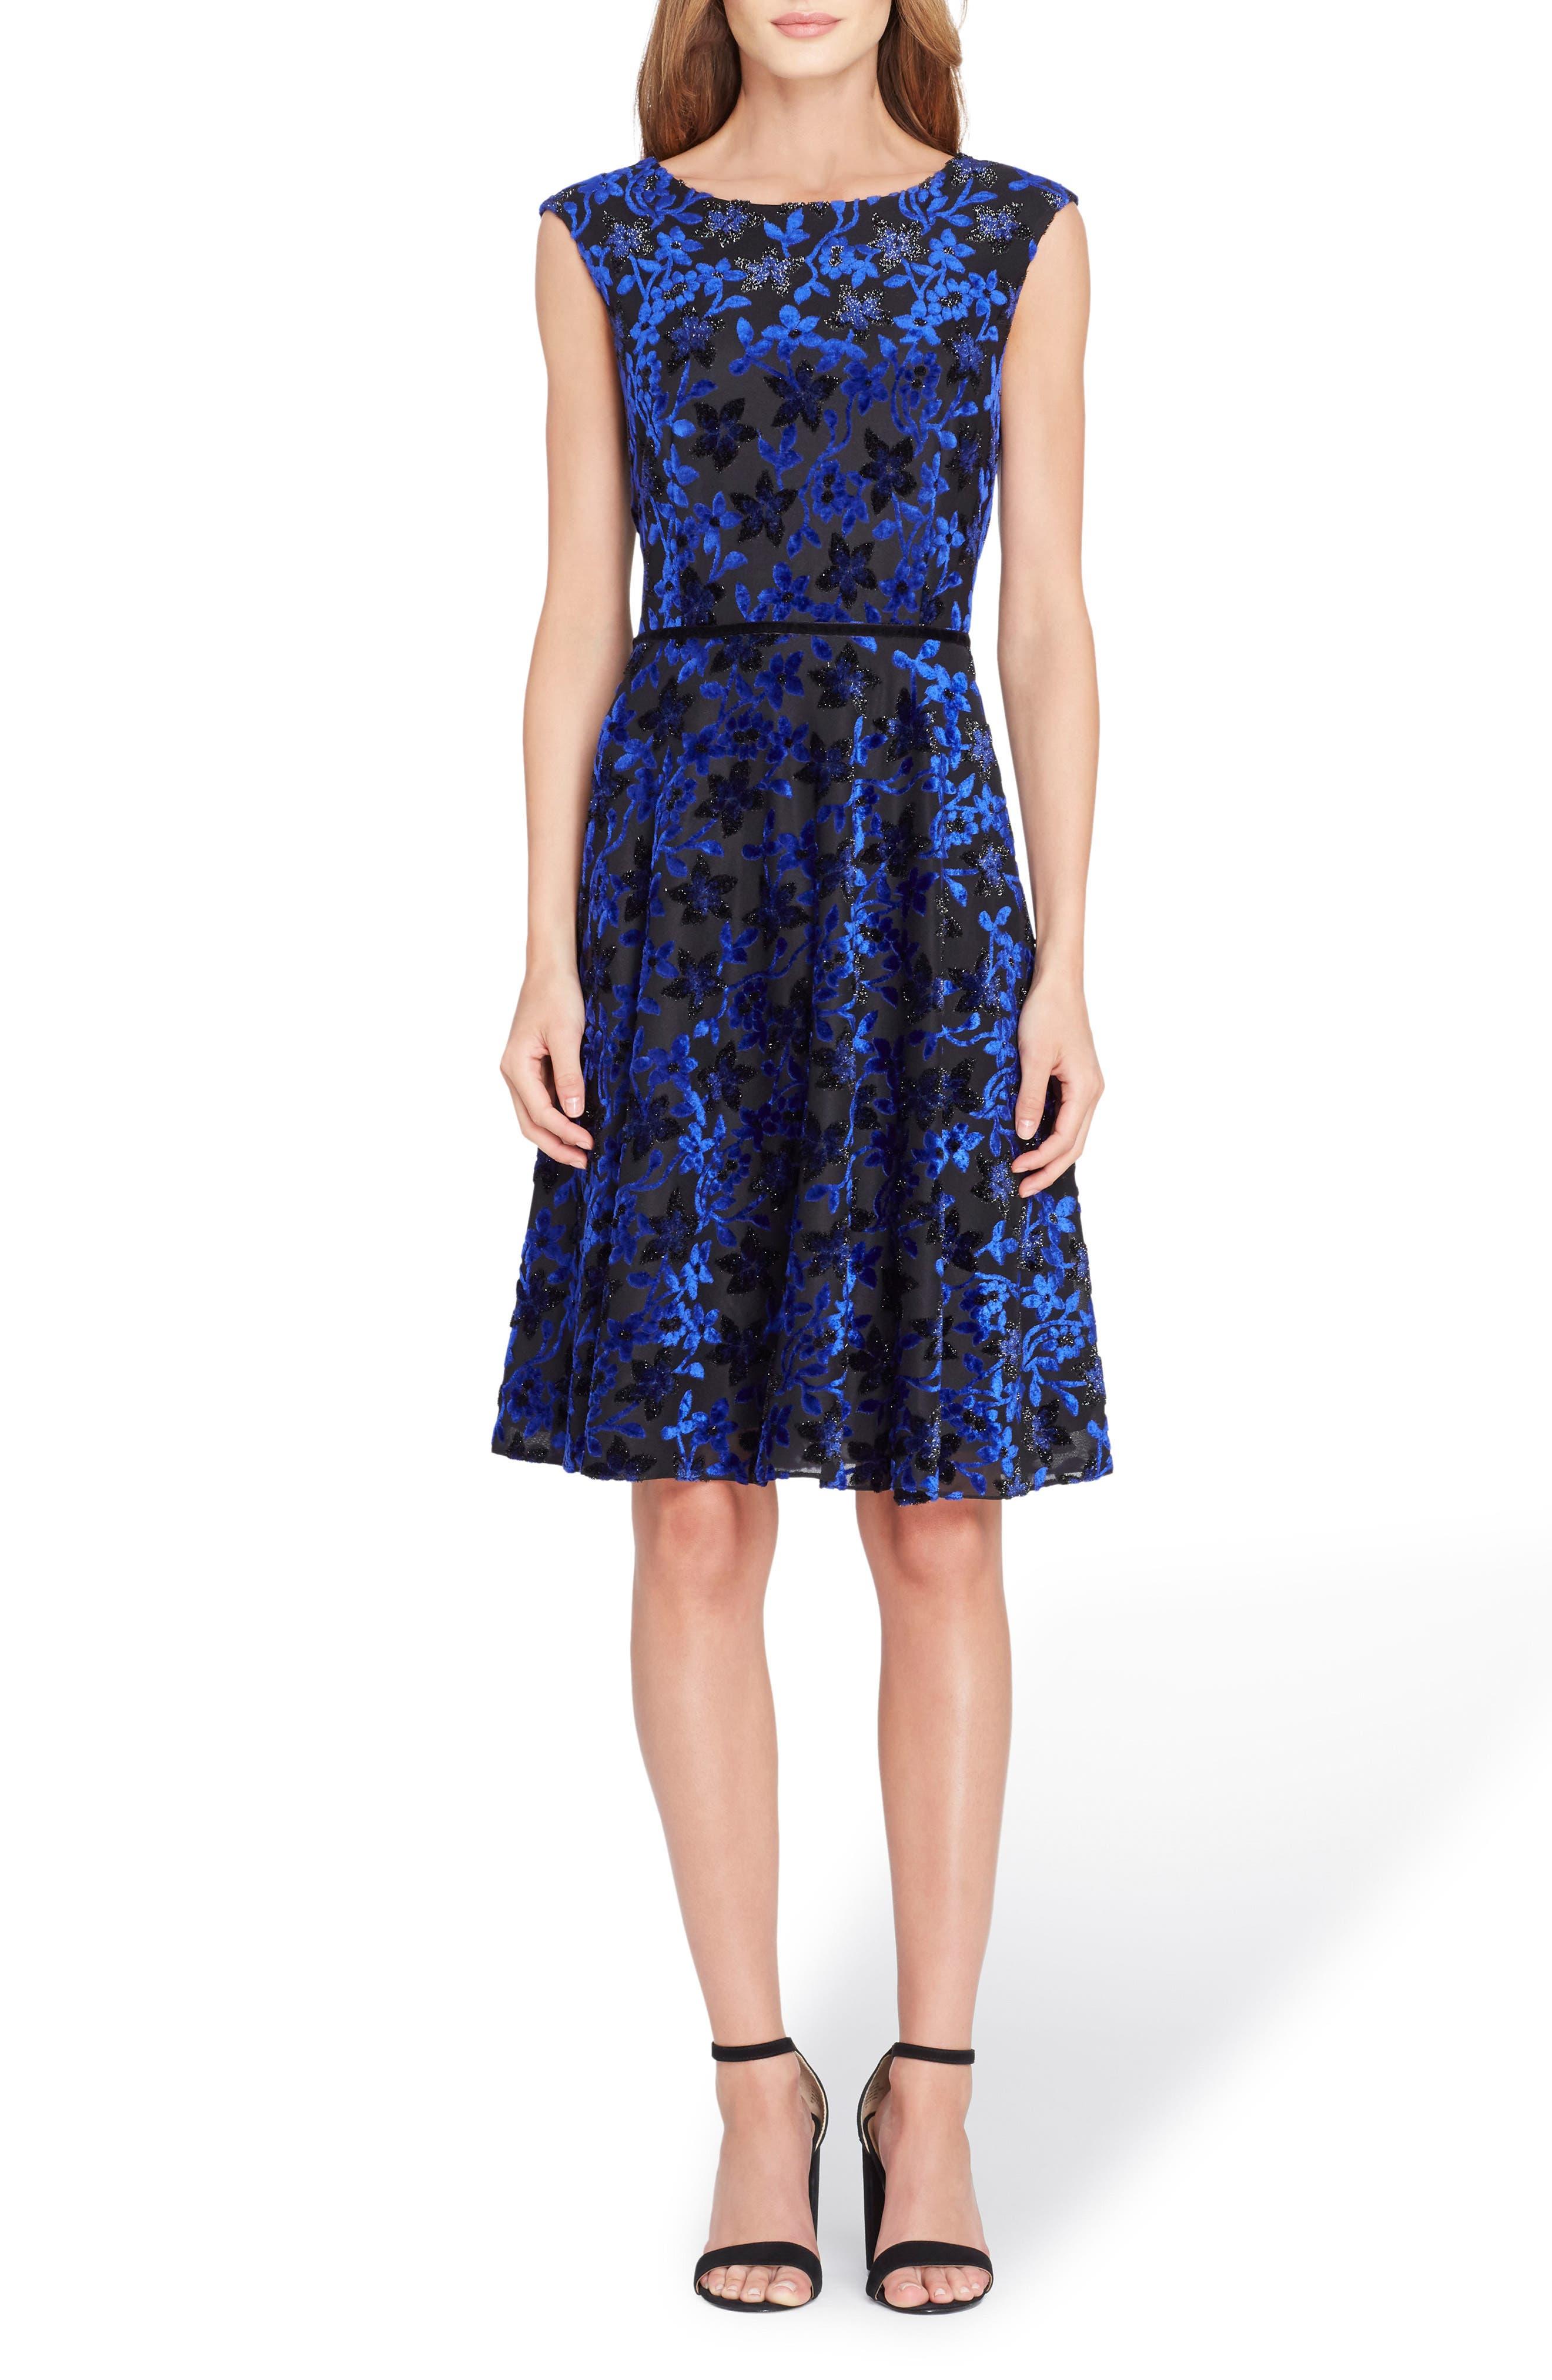 Alternate Image 1 Selected - Tahari Flocked Velvet A-Line Dress (Regular & Petite)